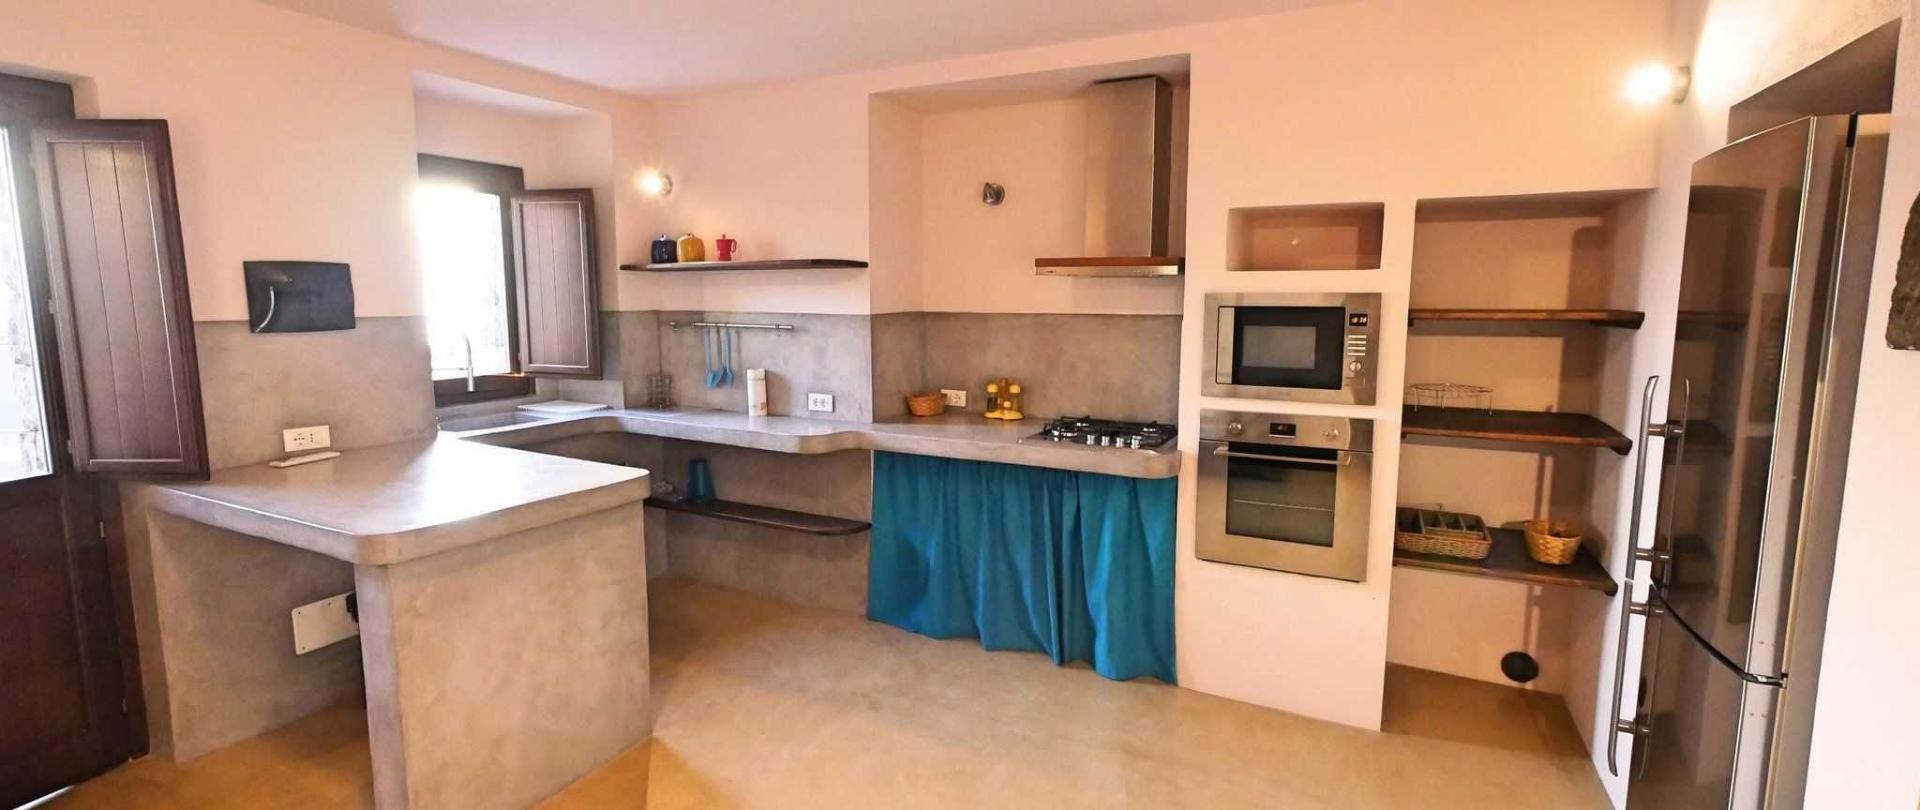 cucina2-1.jpg